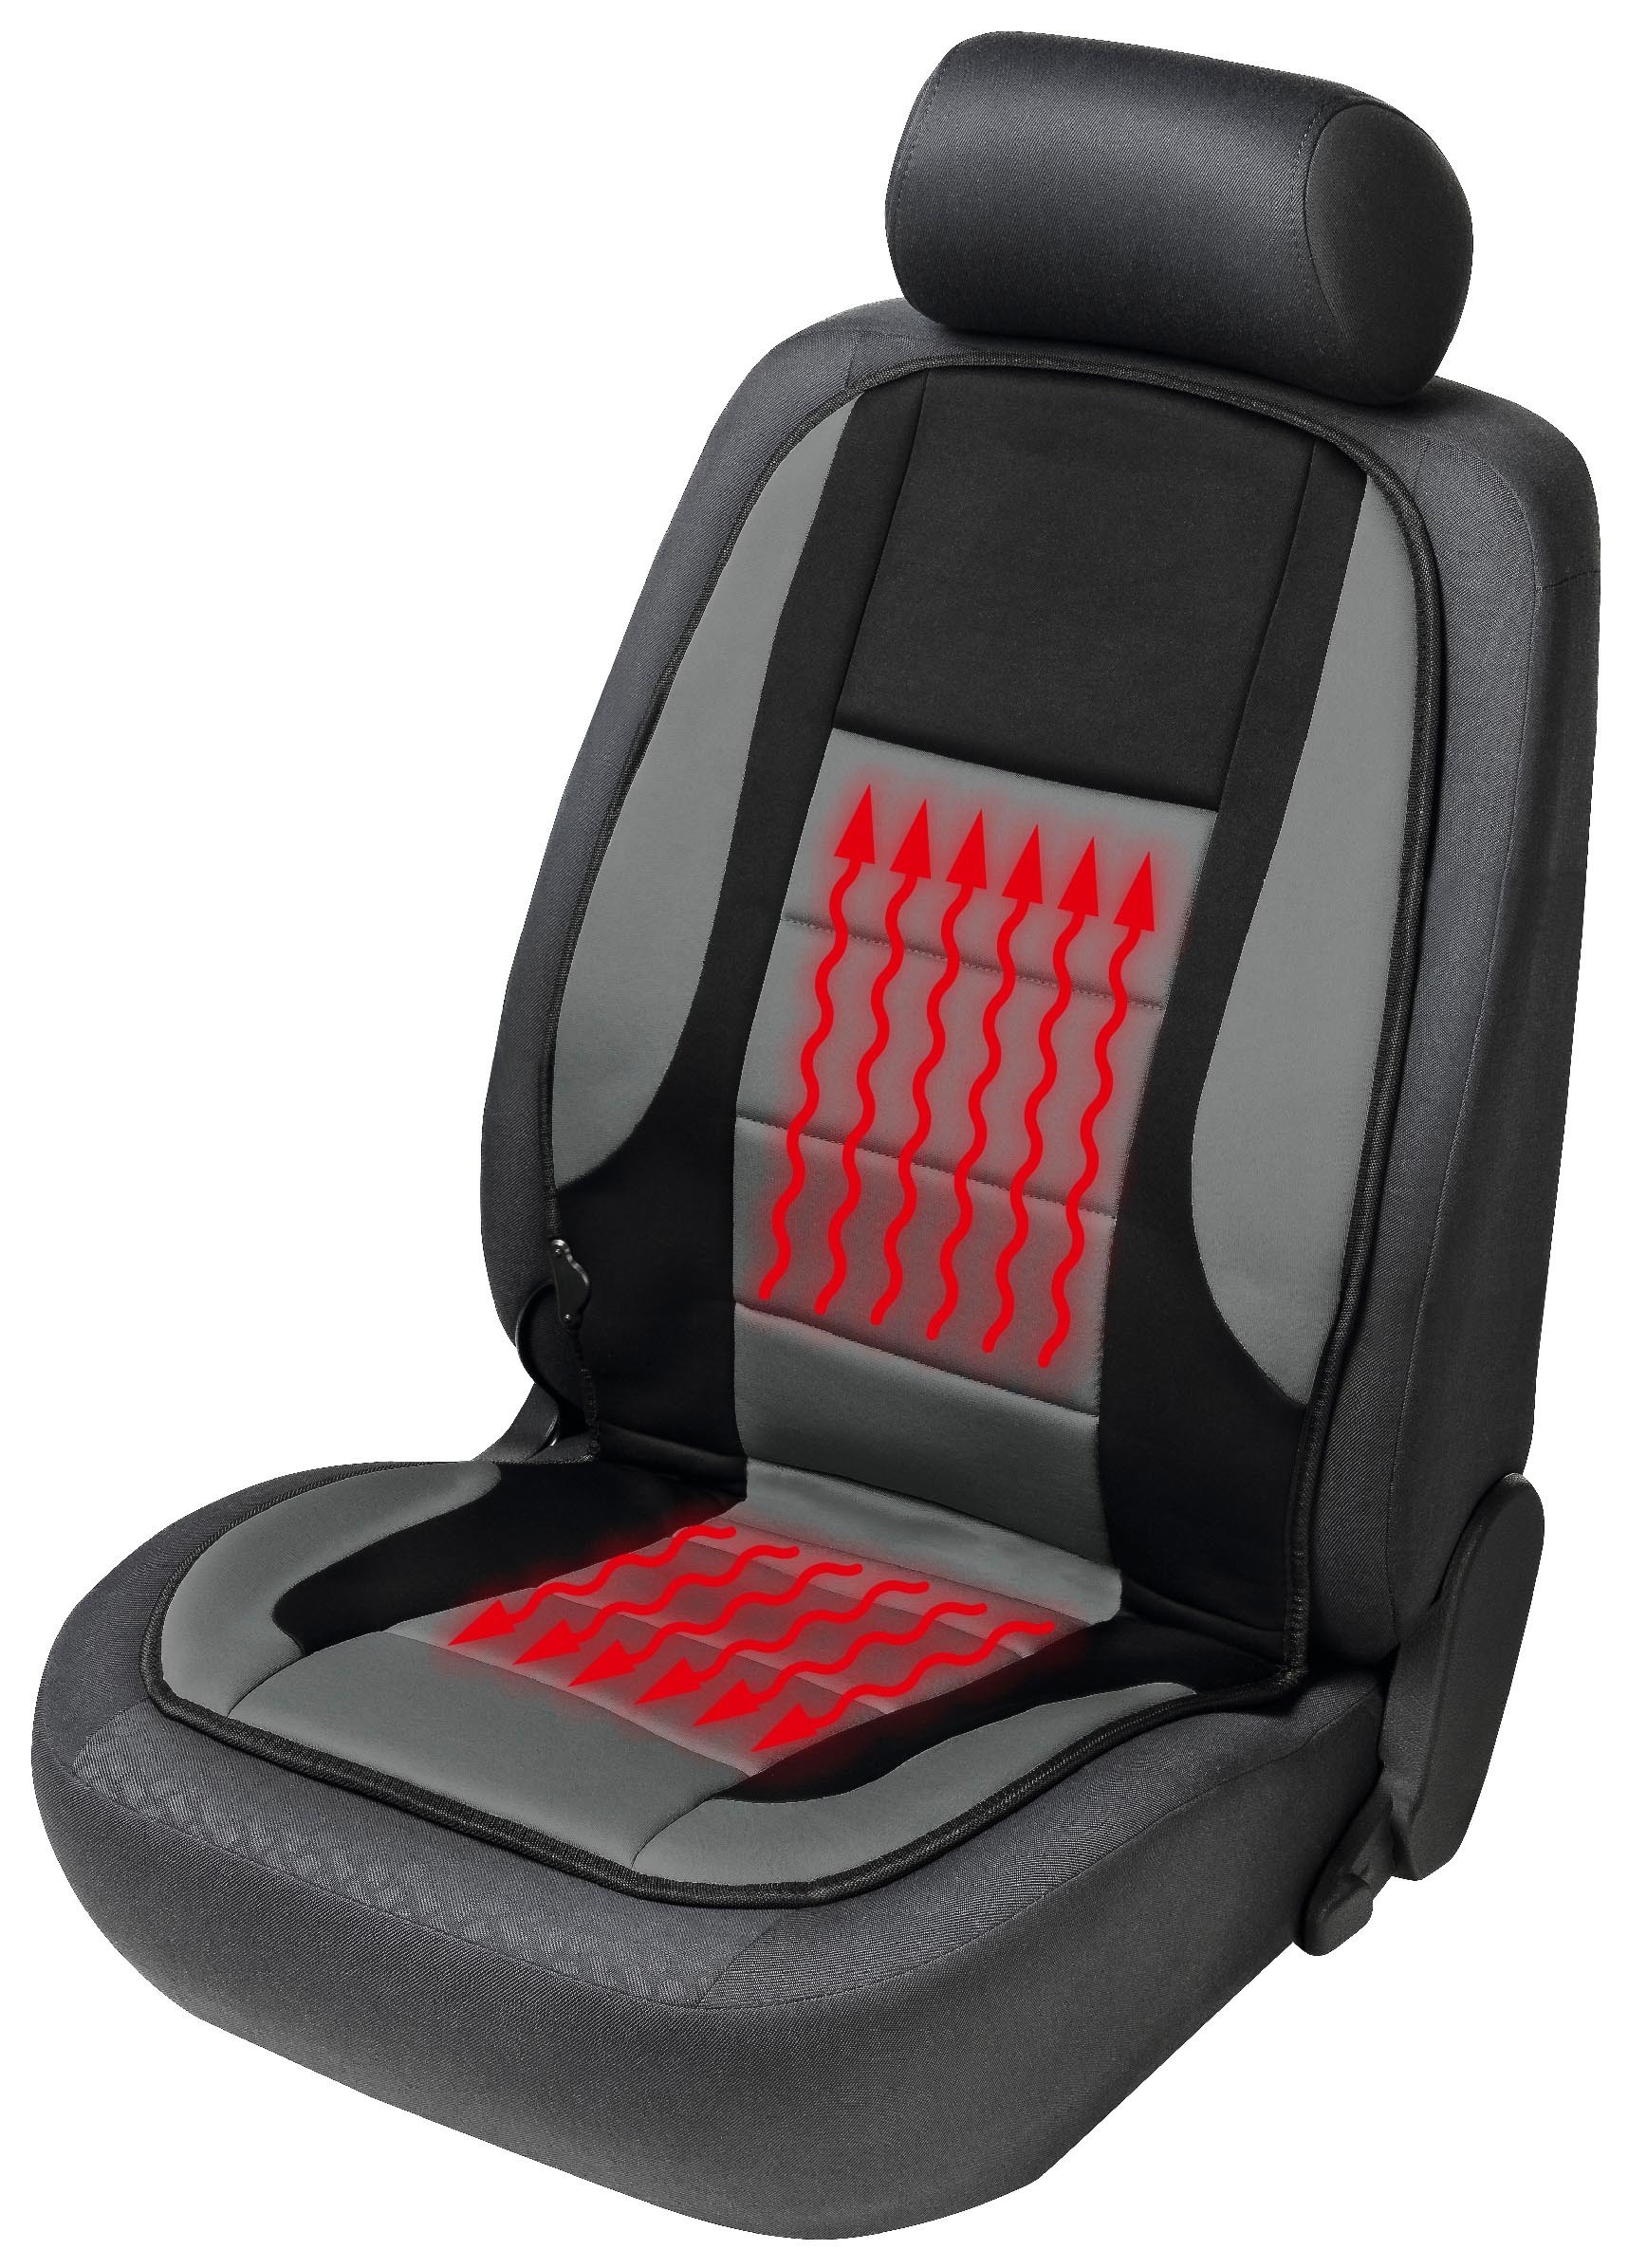 beheizbare sitzauflage autositzauflage hot stuff f r pkw. Black Bedroom Furniture Sets. Home Design Ideas